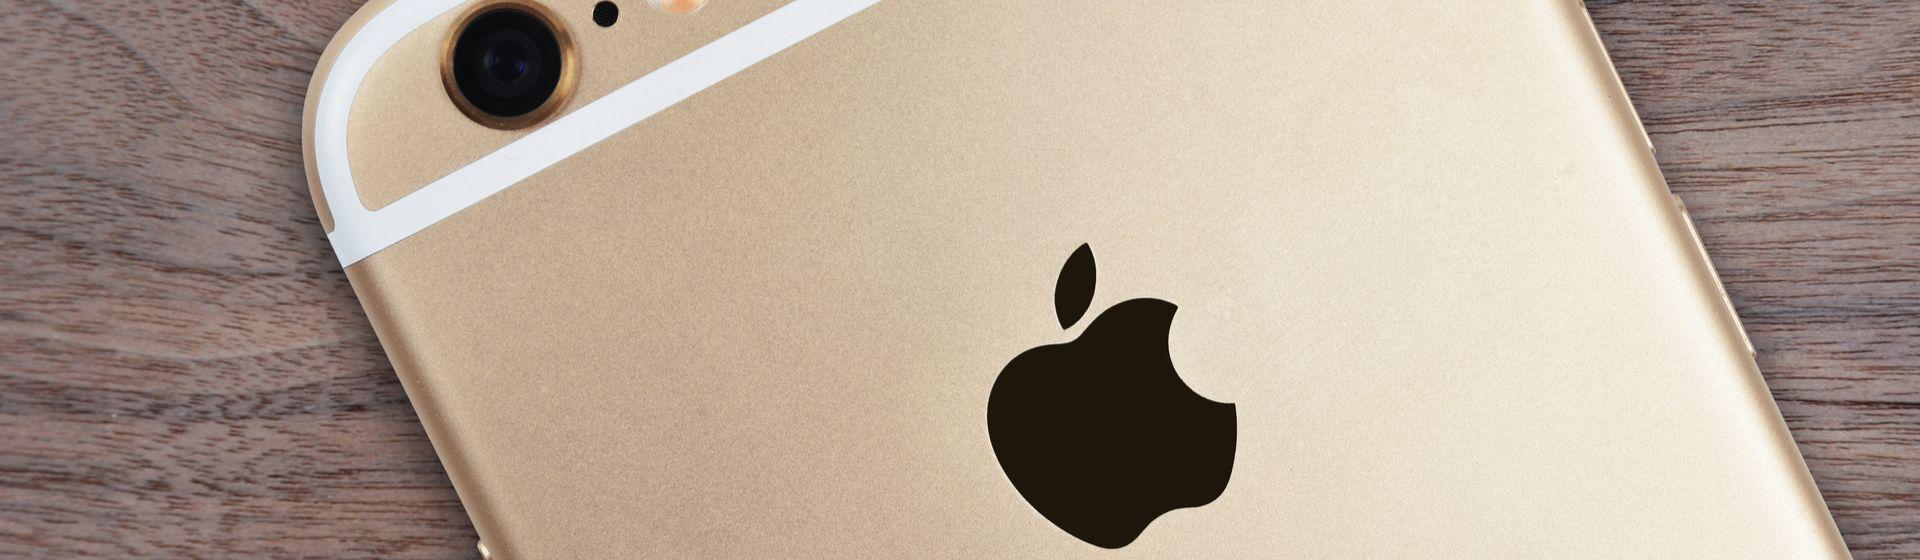 iPhone 6S vale a pena em 2020?